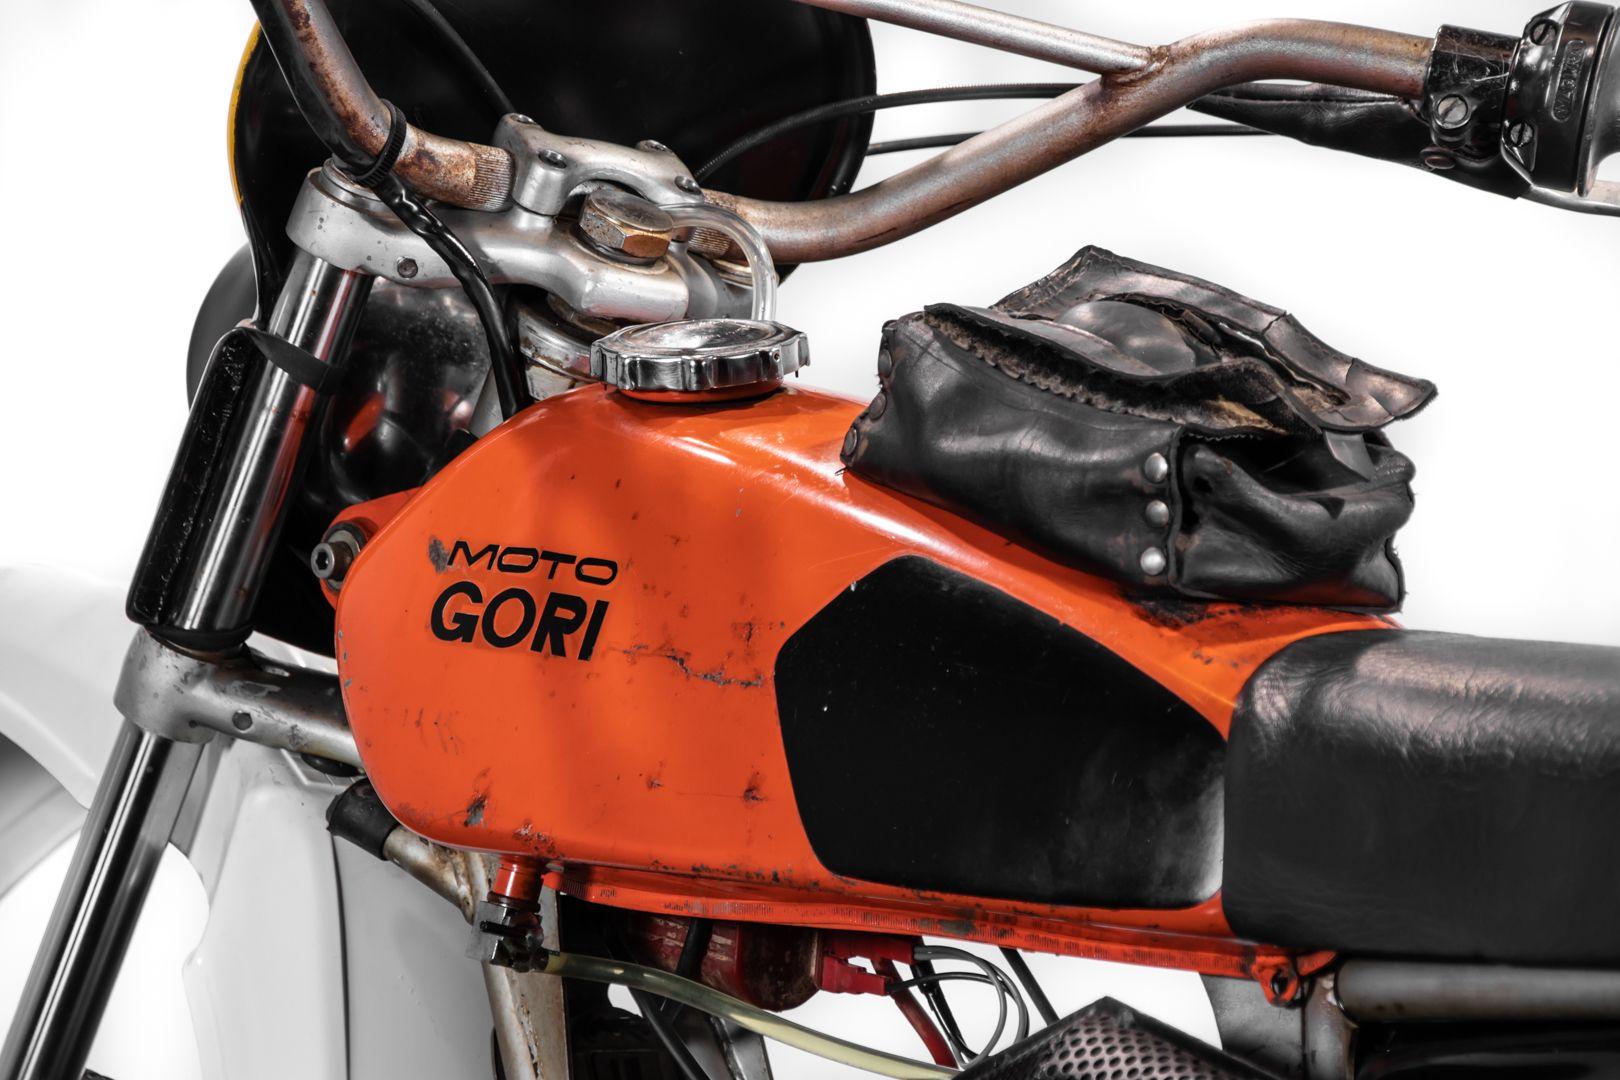 1978 Gori 50 J S 79896